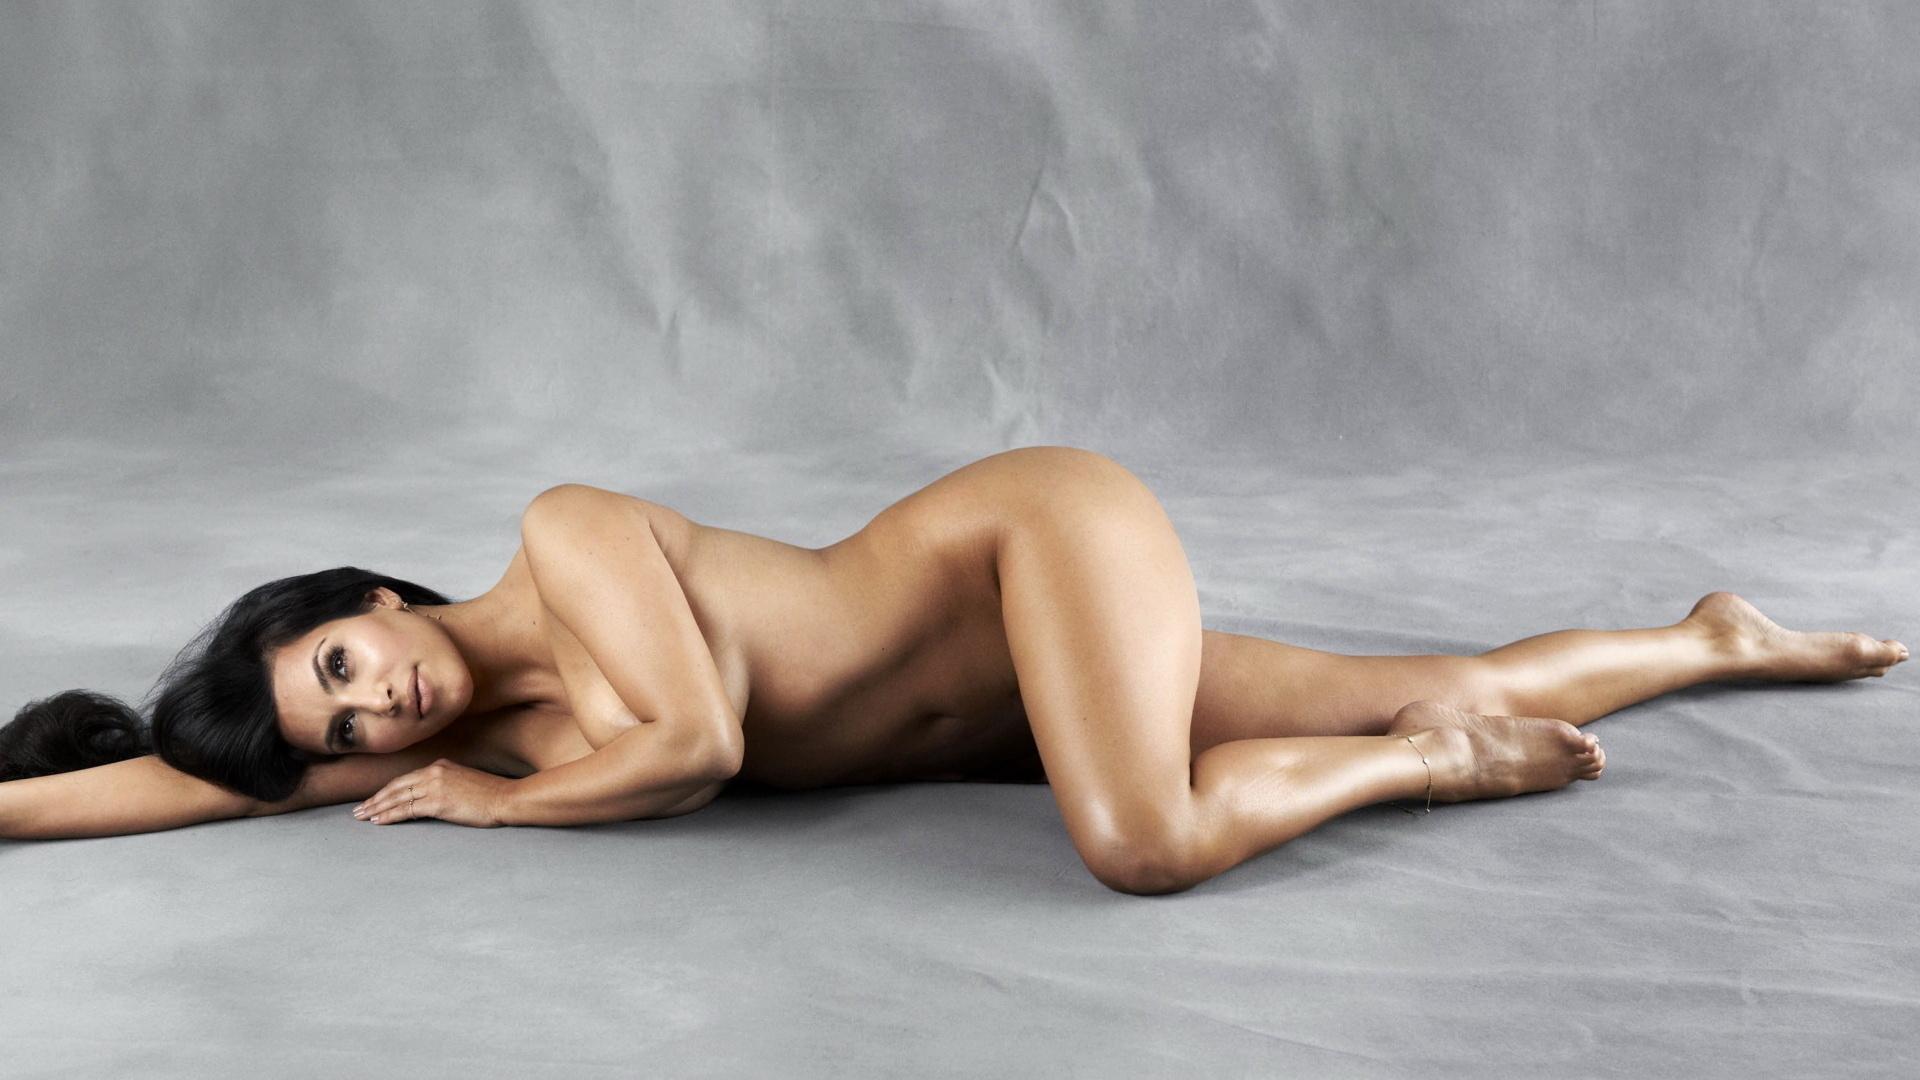 эротическая фотогалерея ким кардашьян